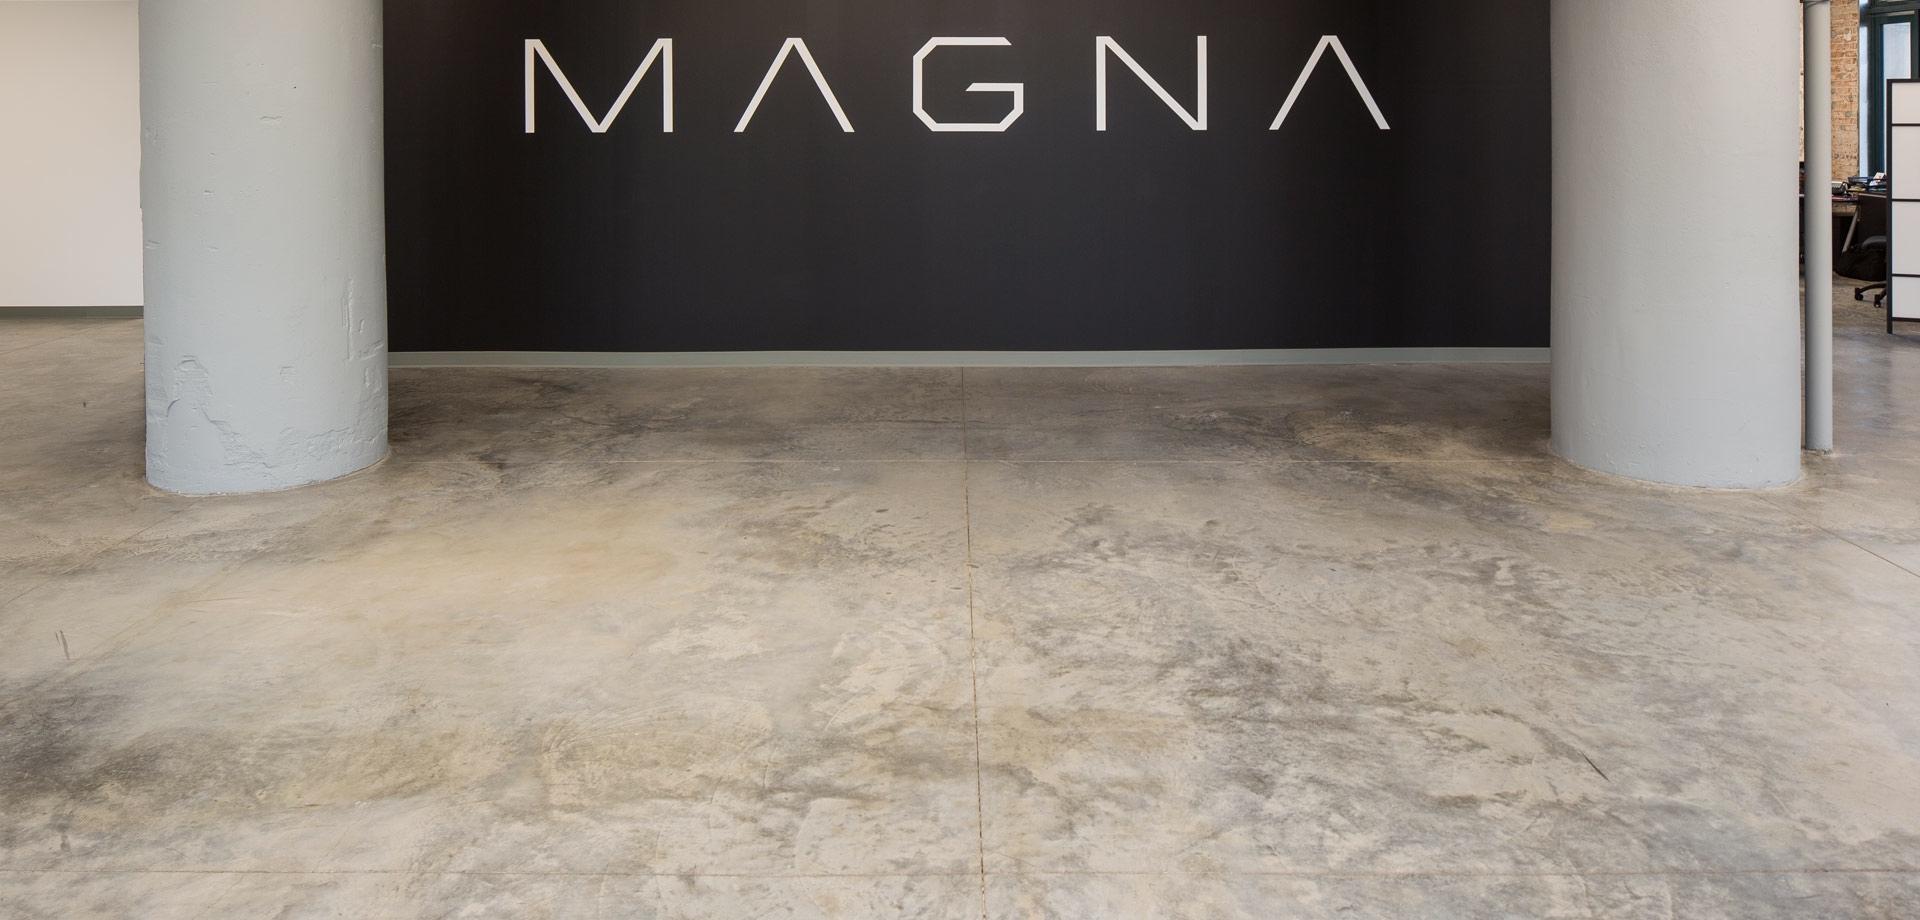 magna7